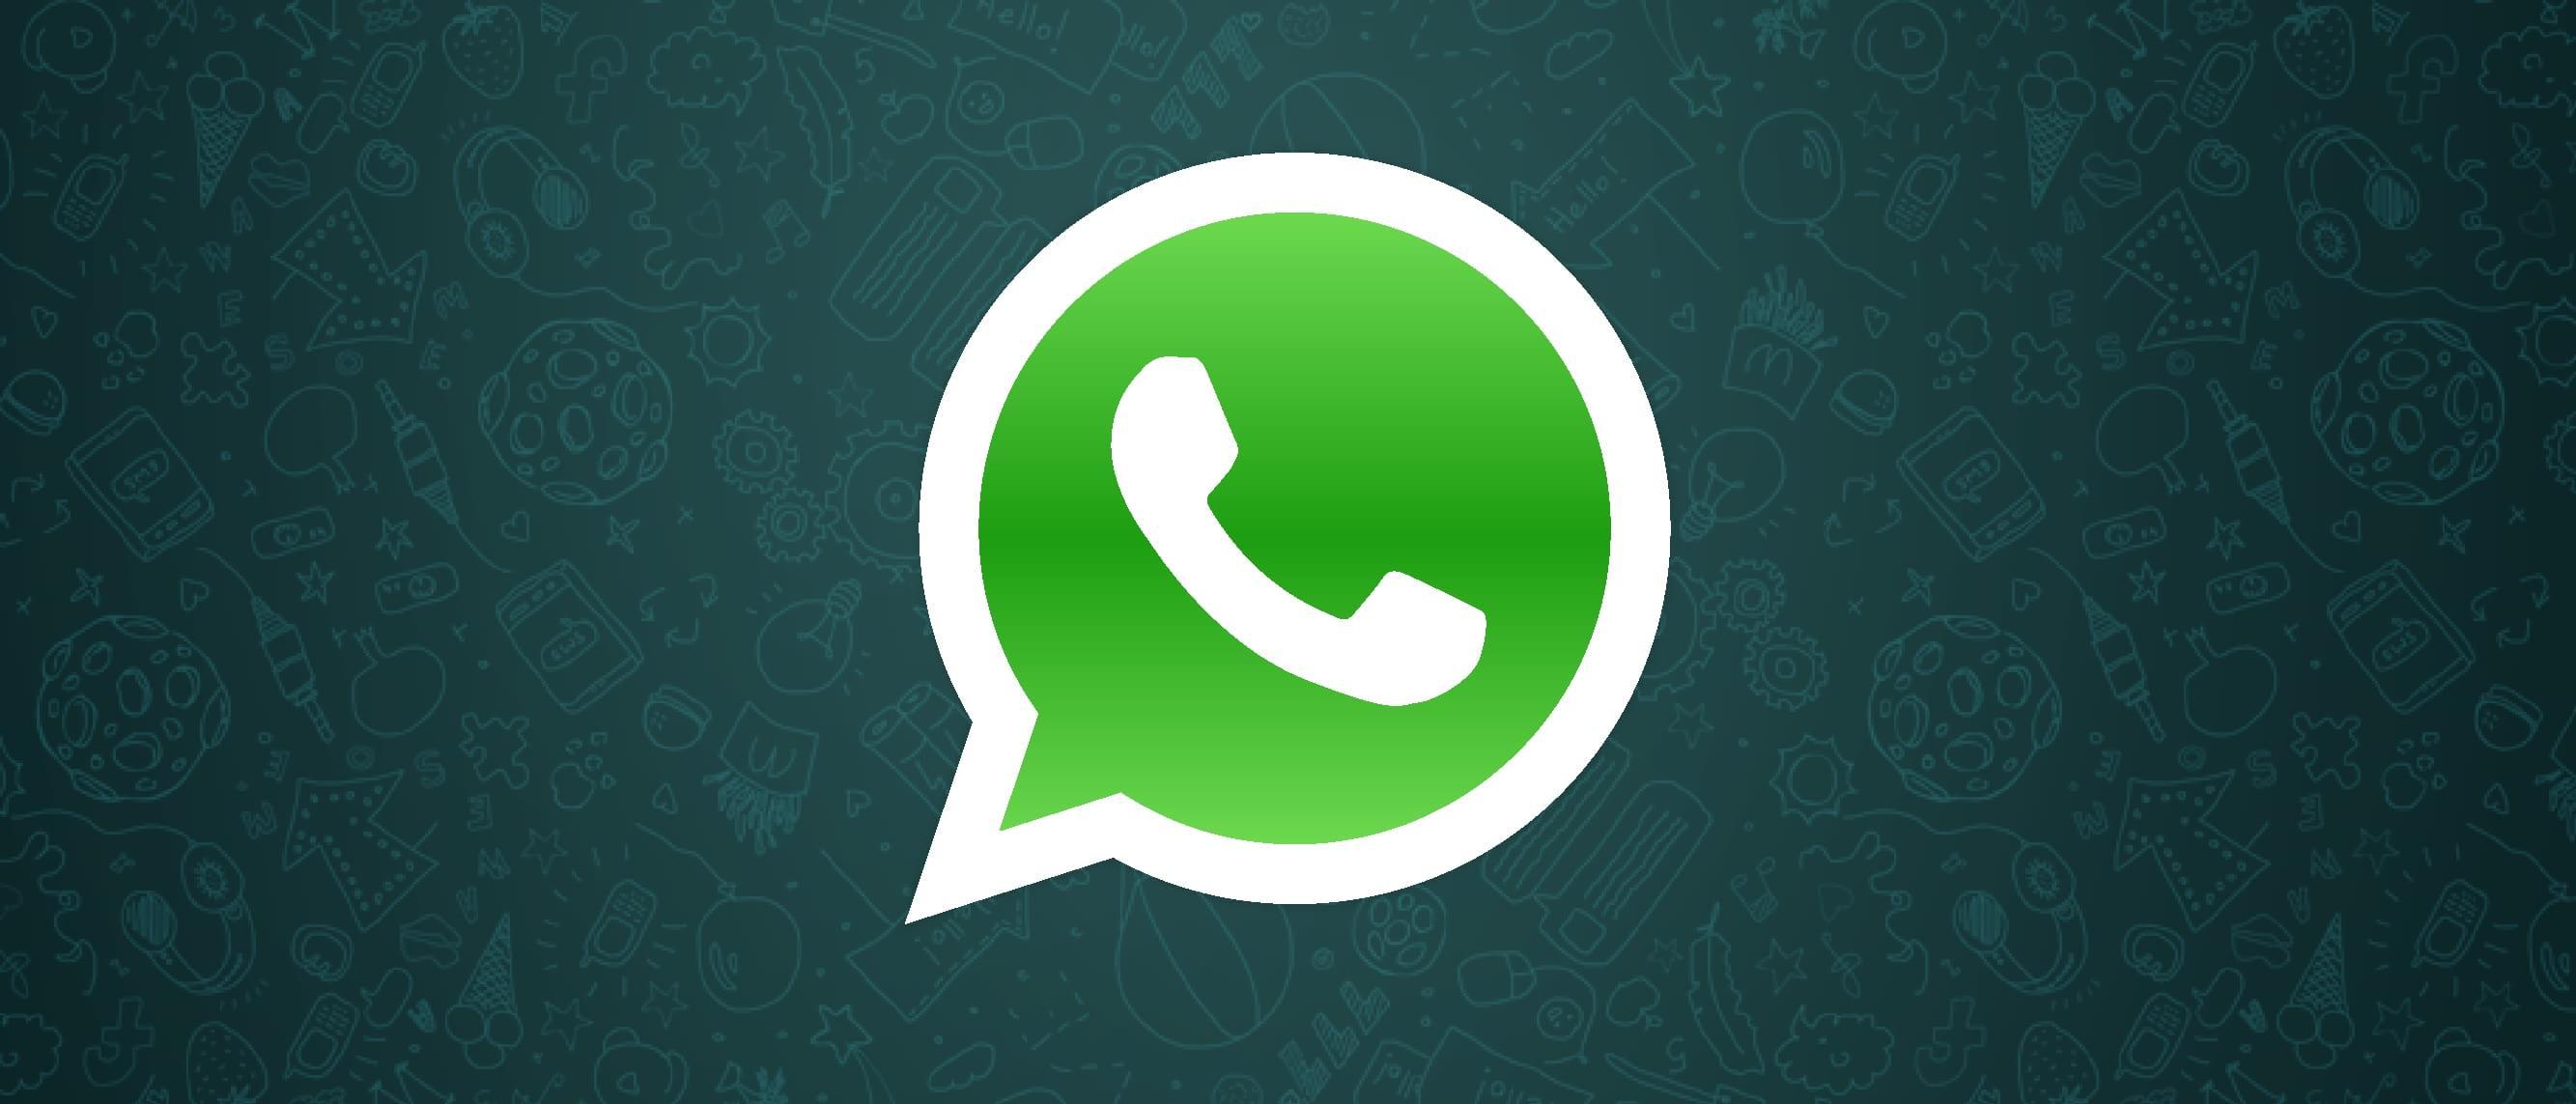 Mídias Sociais: WhatsApp cresce e marcas querem marcar presença no aplicativo